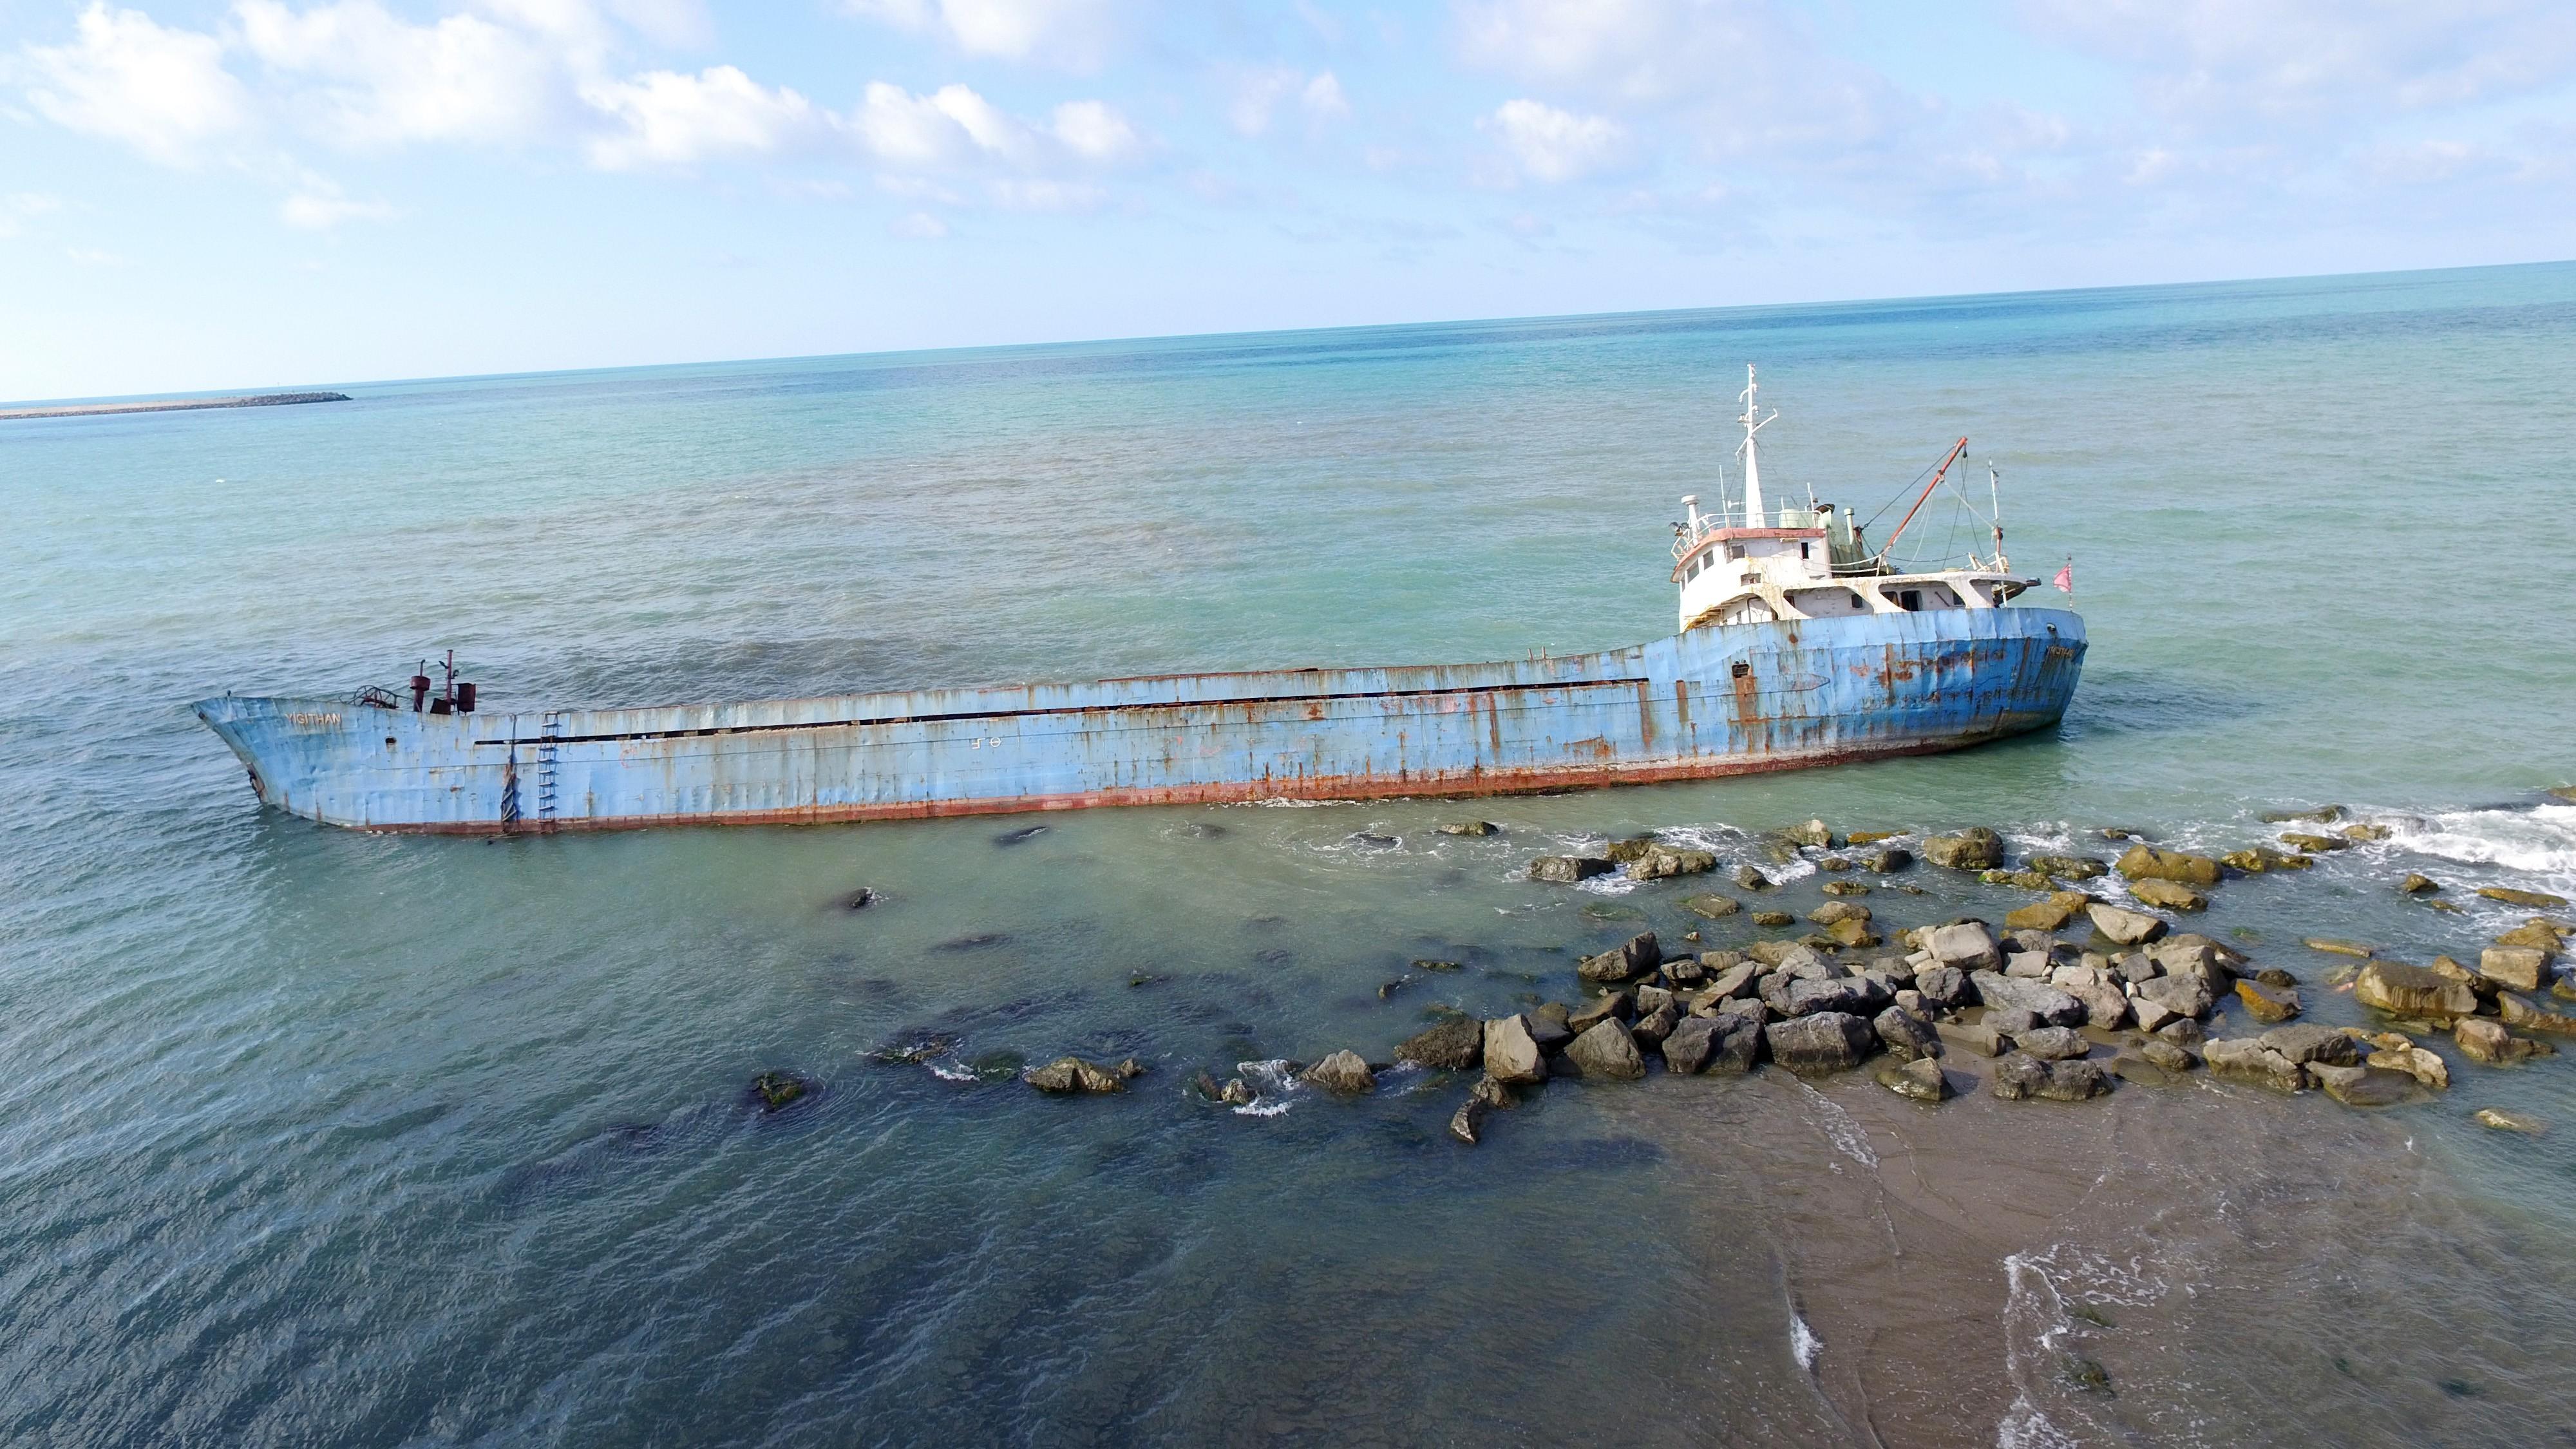 Tatilciler, karaya oturan gemiyi istemiyor!